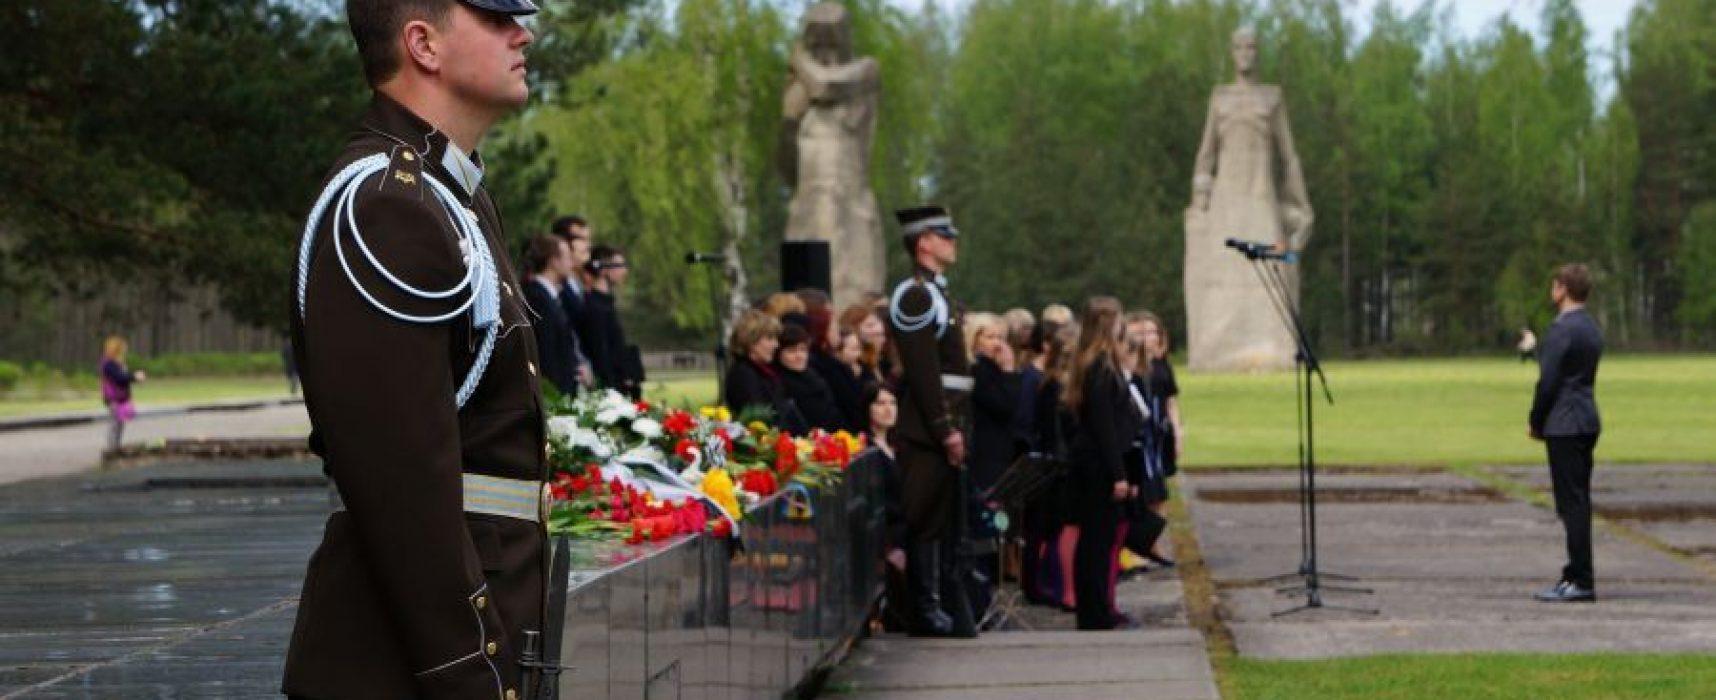 «Вести» возмутились, что Латвия не отмечает «Международный день освобождения узников нацизма», но о его существовании никто не знает